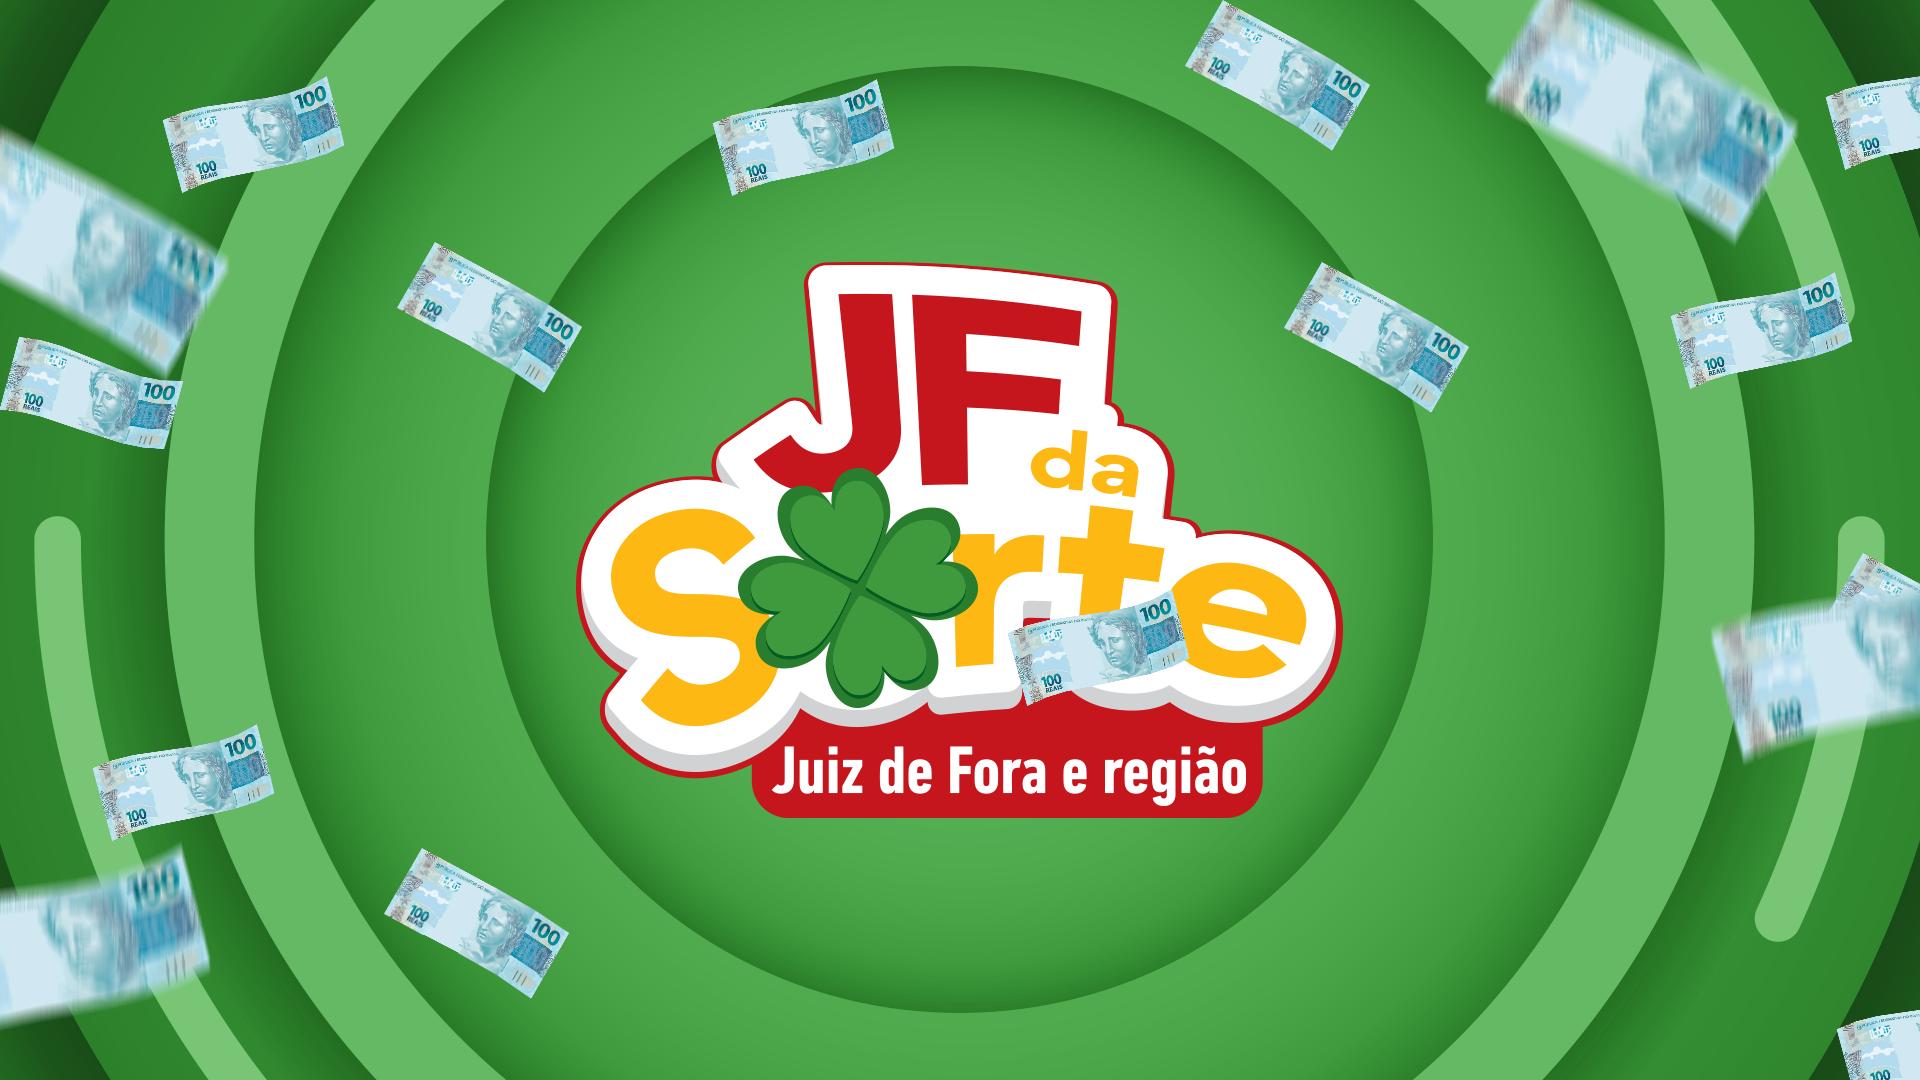 JF da Sorte